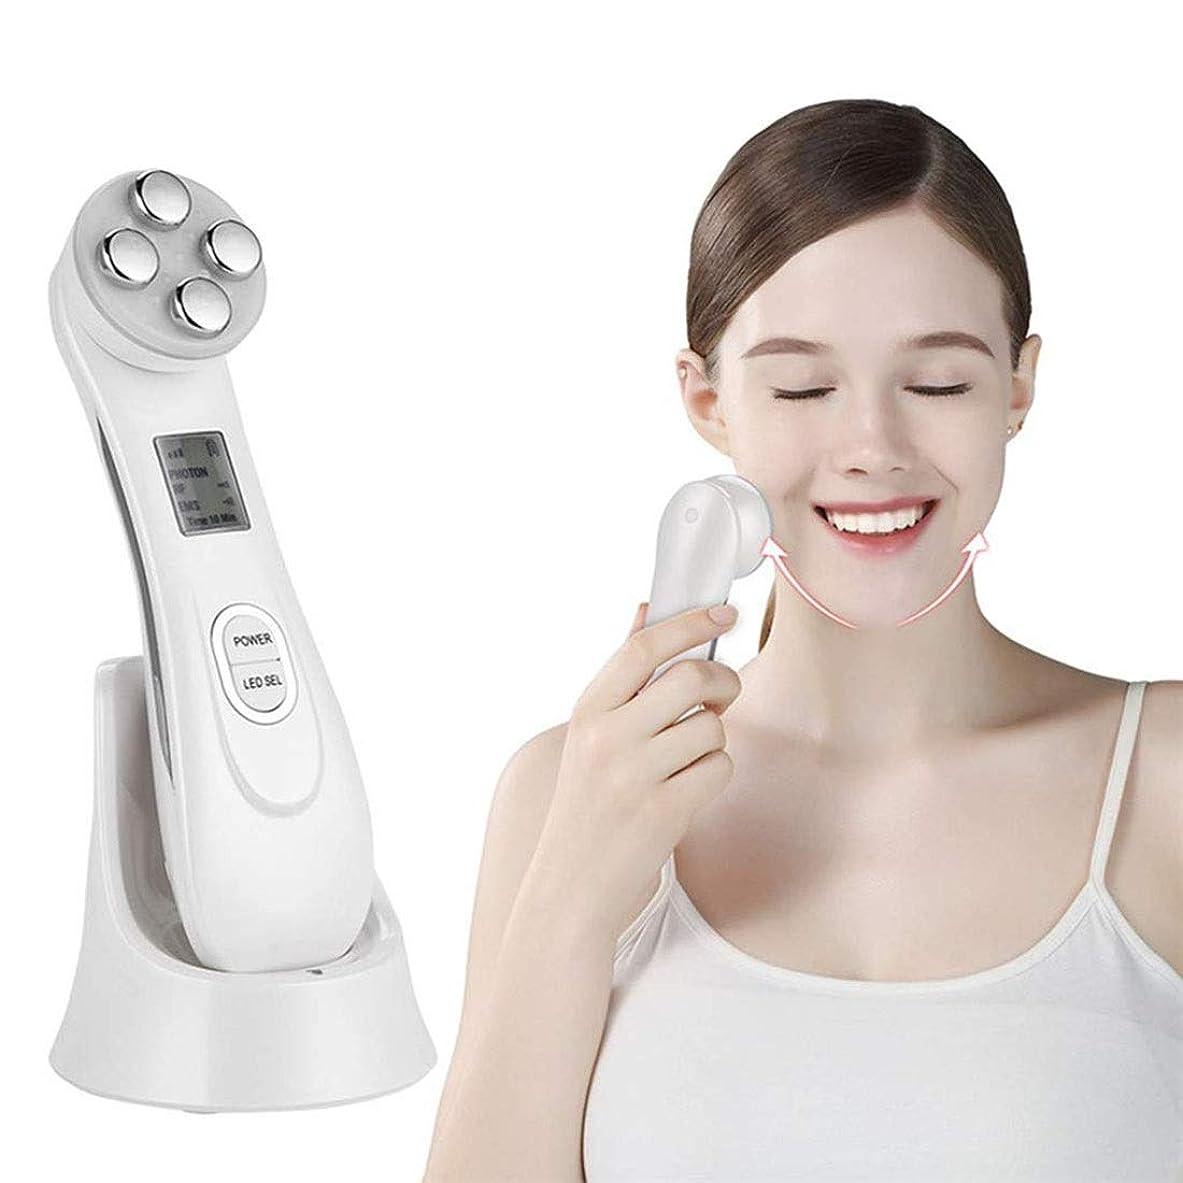 一般的にバーチャルかどうかSkin Tightening Machine Skin Tightening Machine, 5 In 1 Face Massager Facial Remover Wrinkle Skin Care Beauty Machine Anti-aging